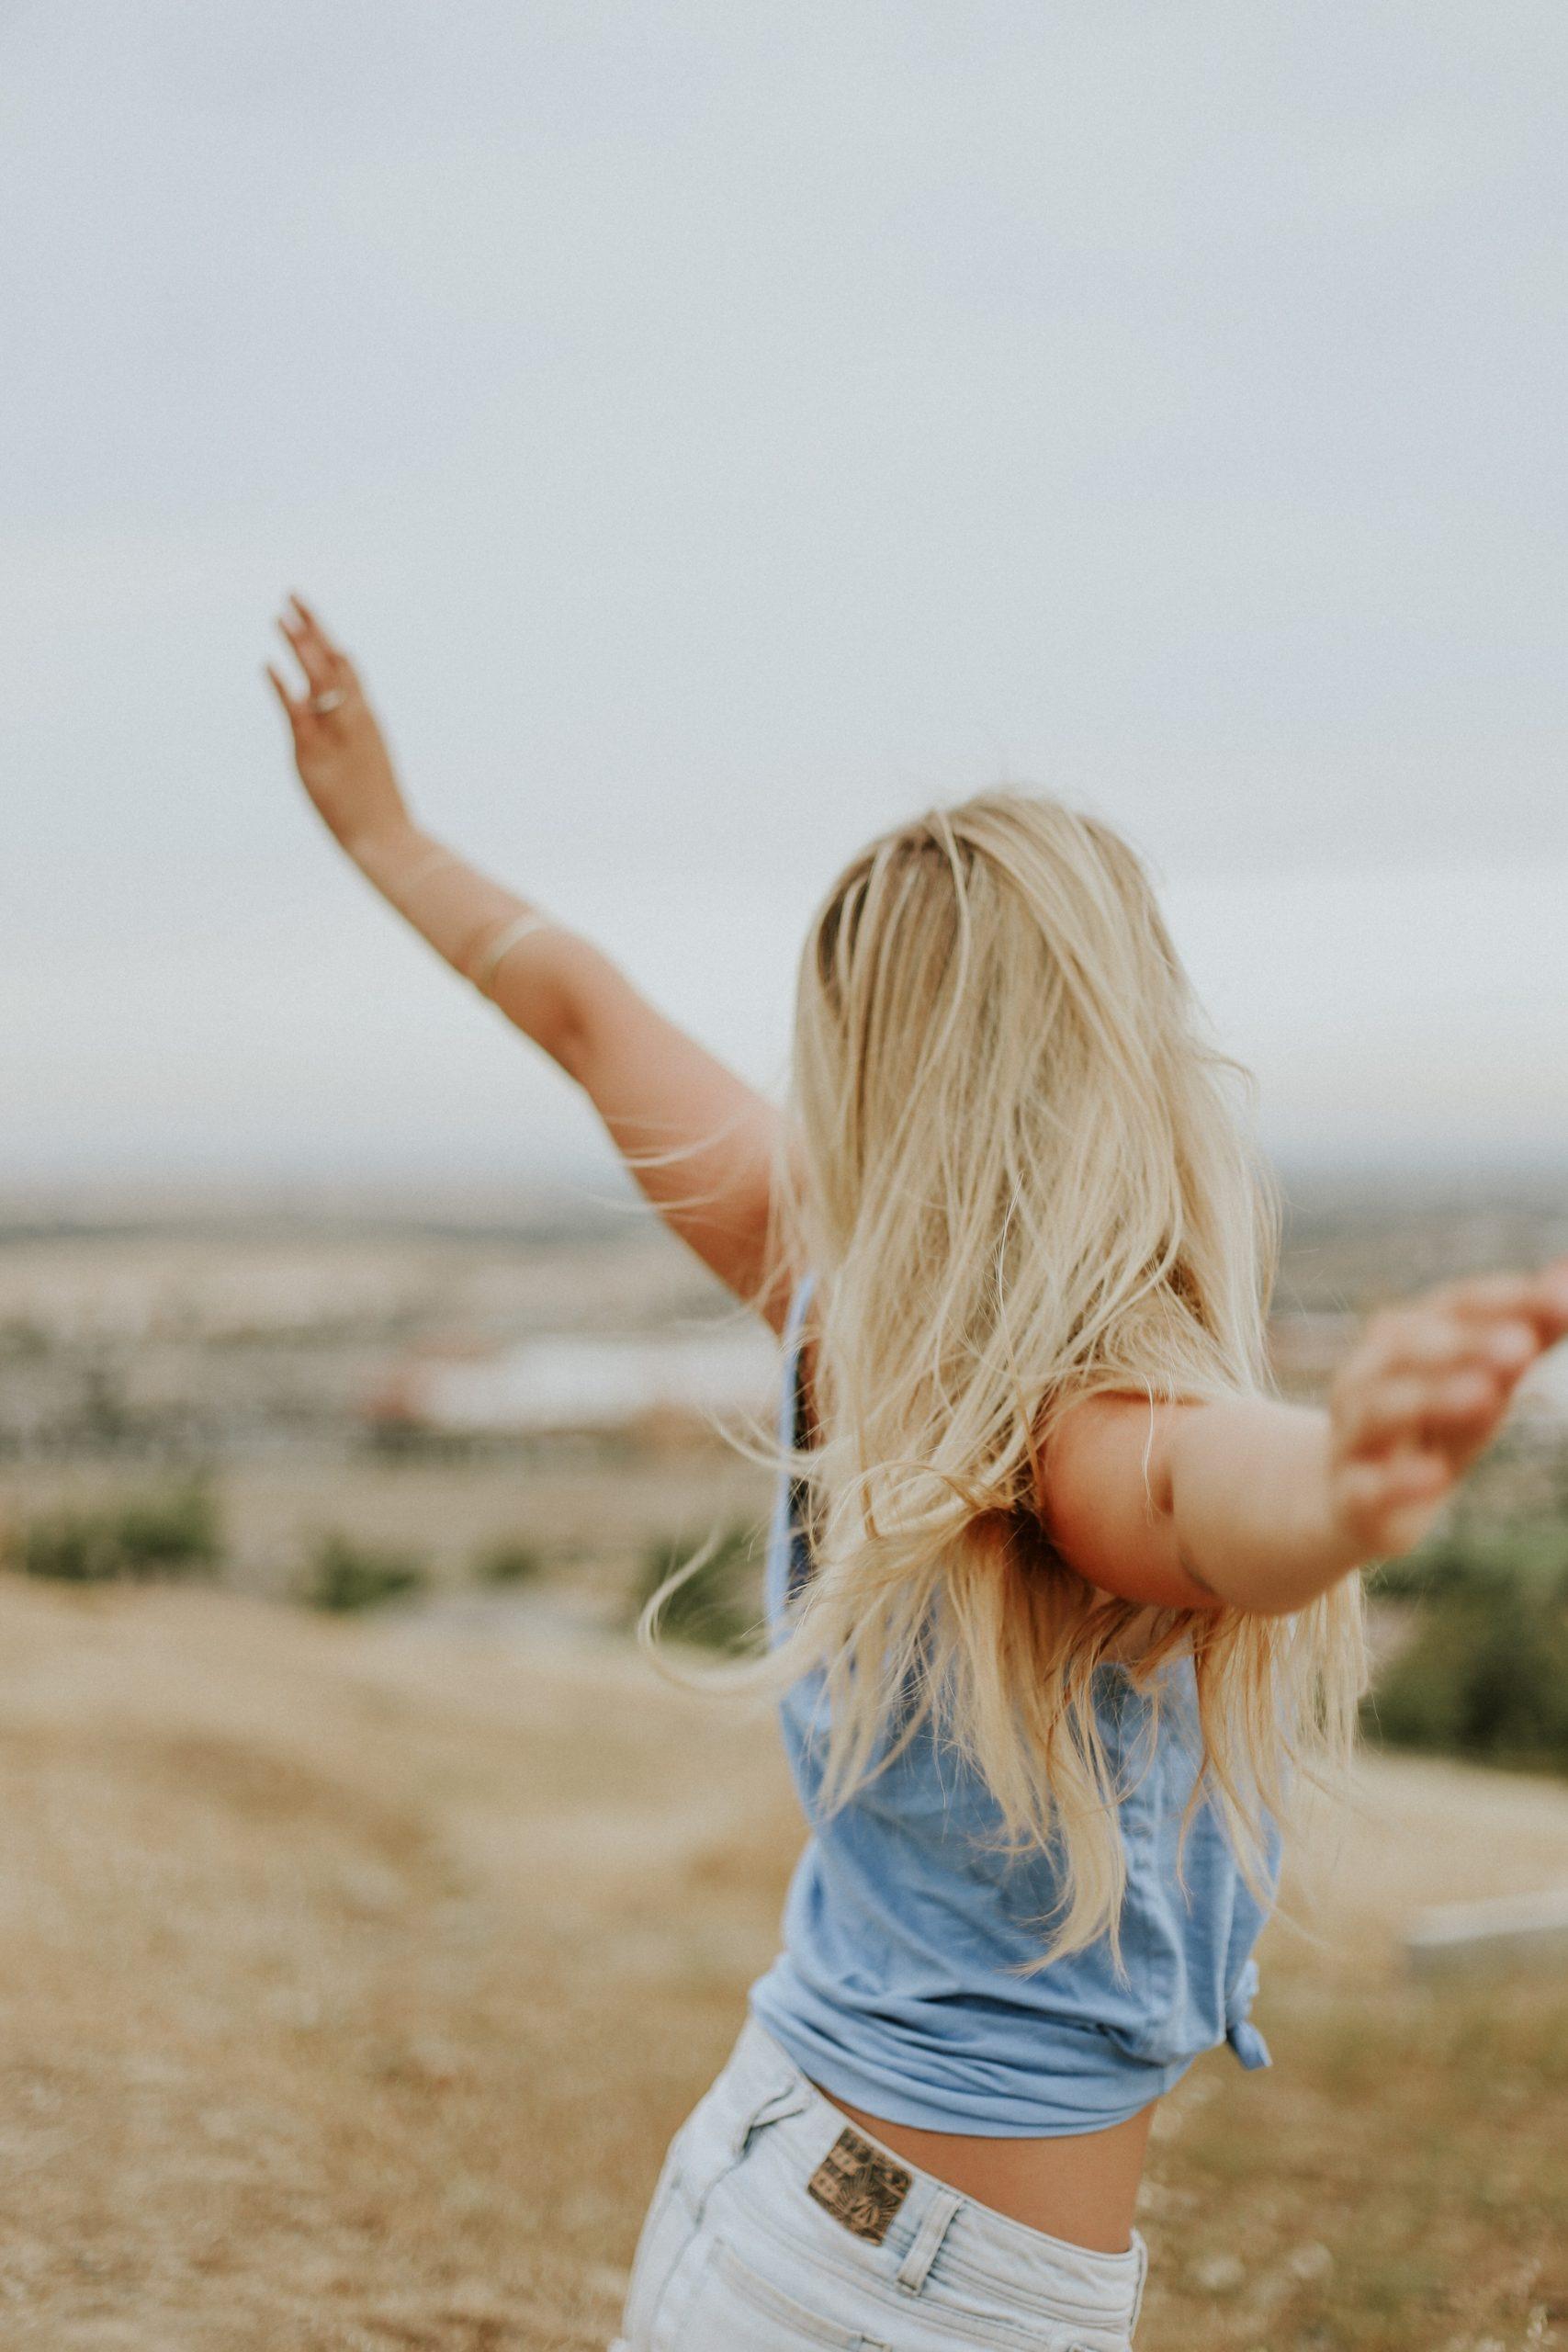 10 Kebiasaan yang bisa membuat wanita bahagia dan sehat - Dunia Wanita